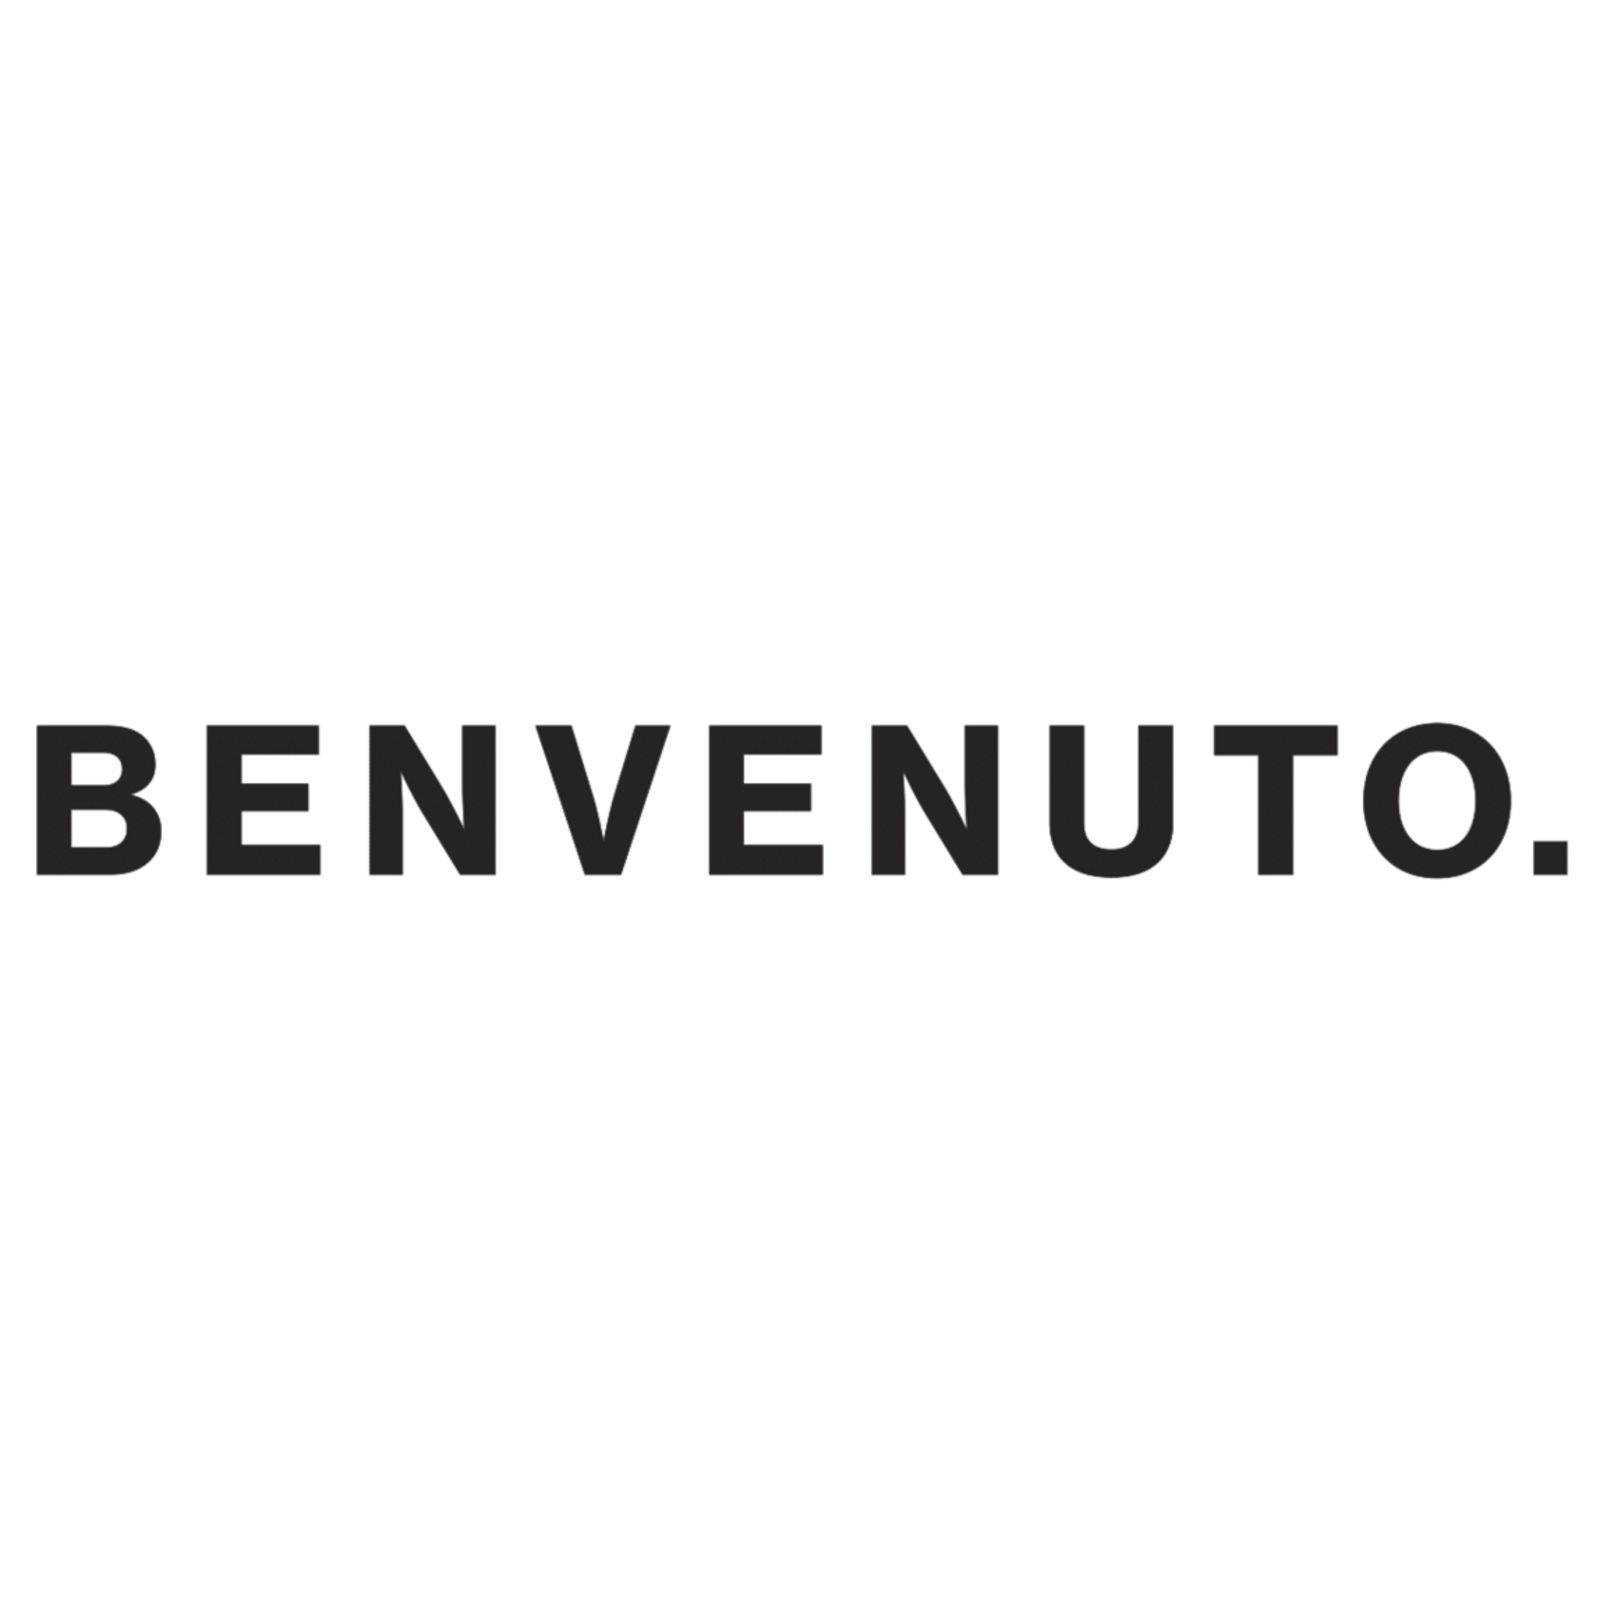 BENVENUTO.